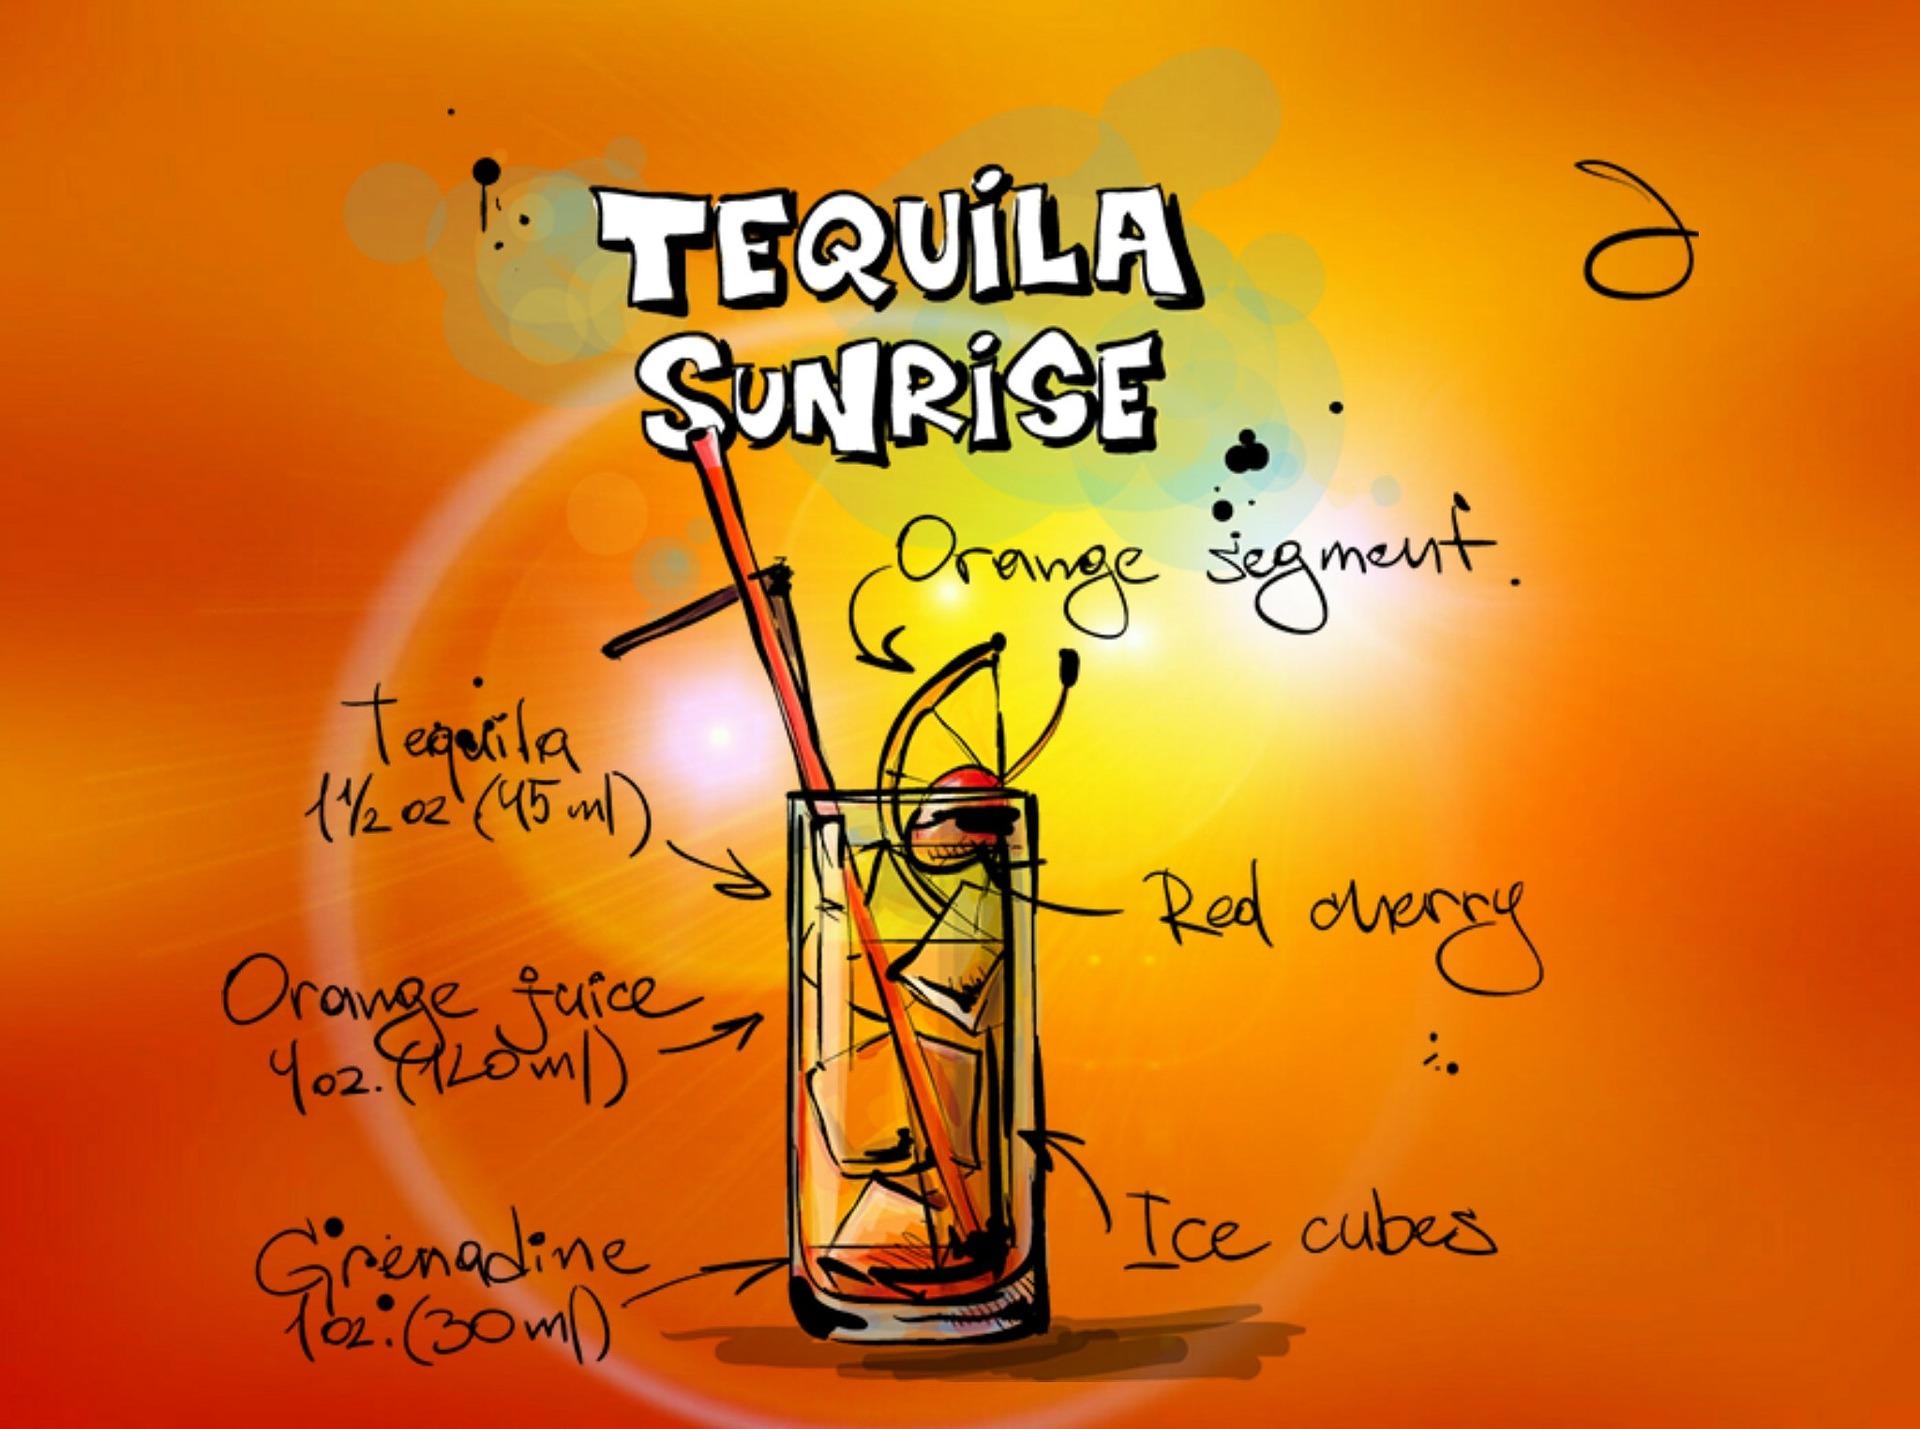 tequila-sunrise-833905_1920